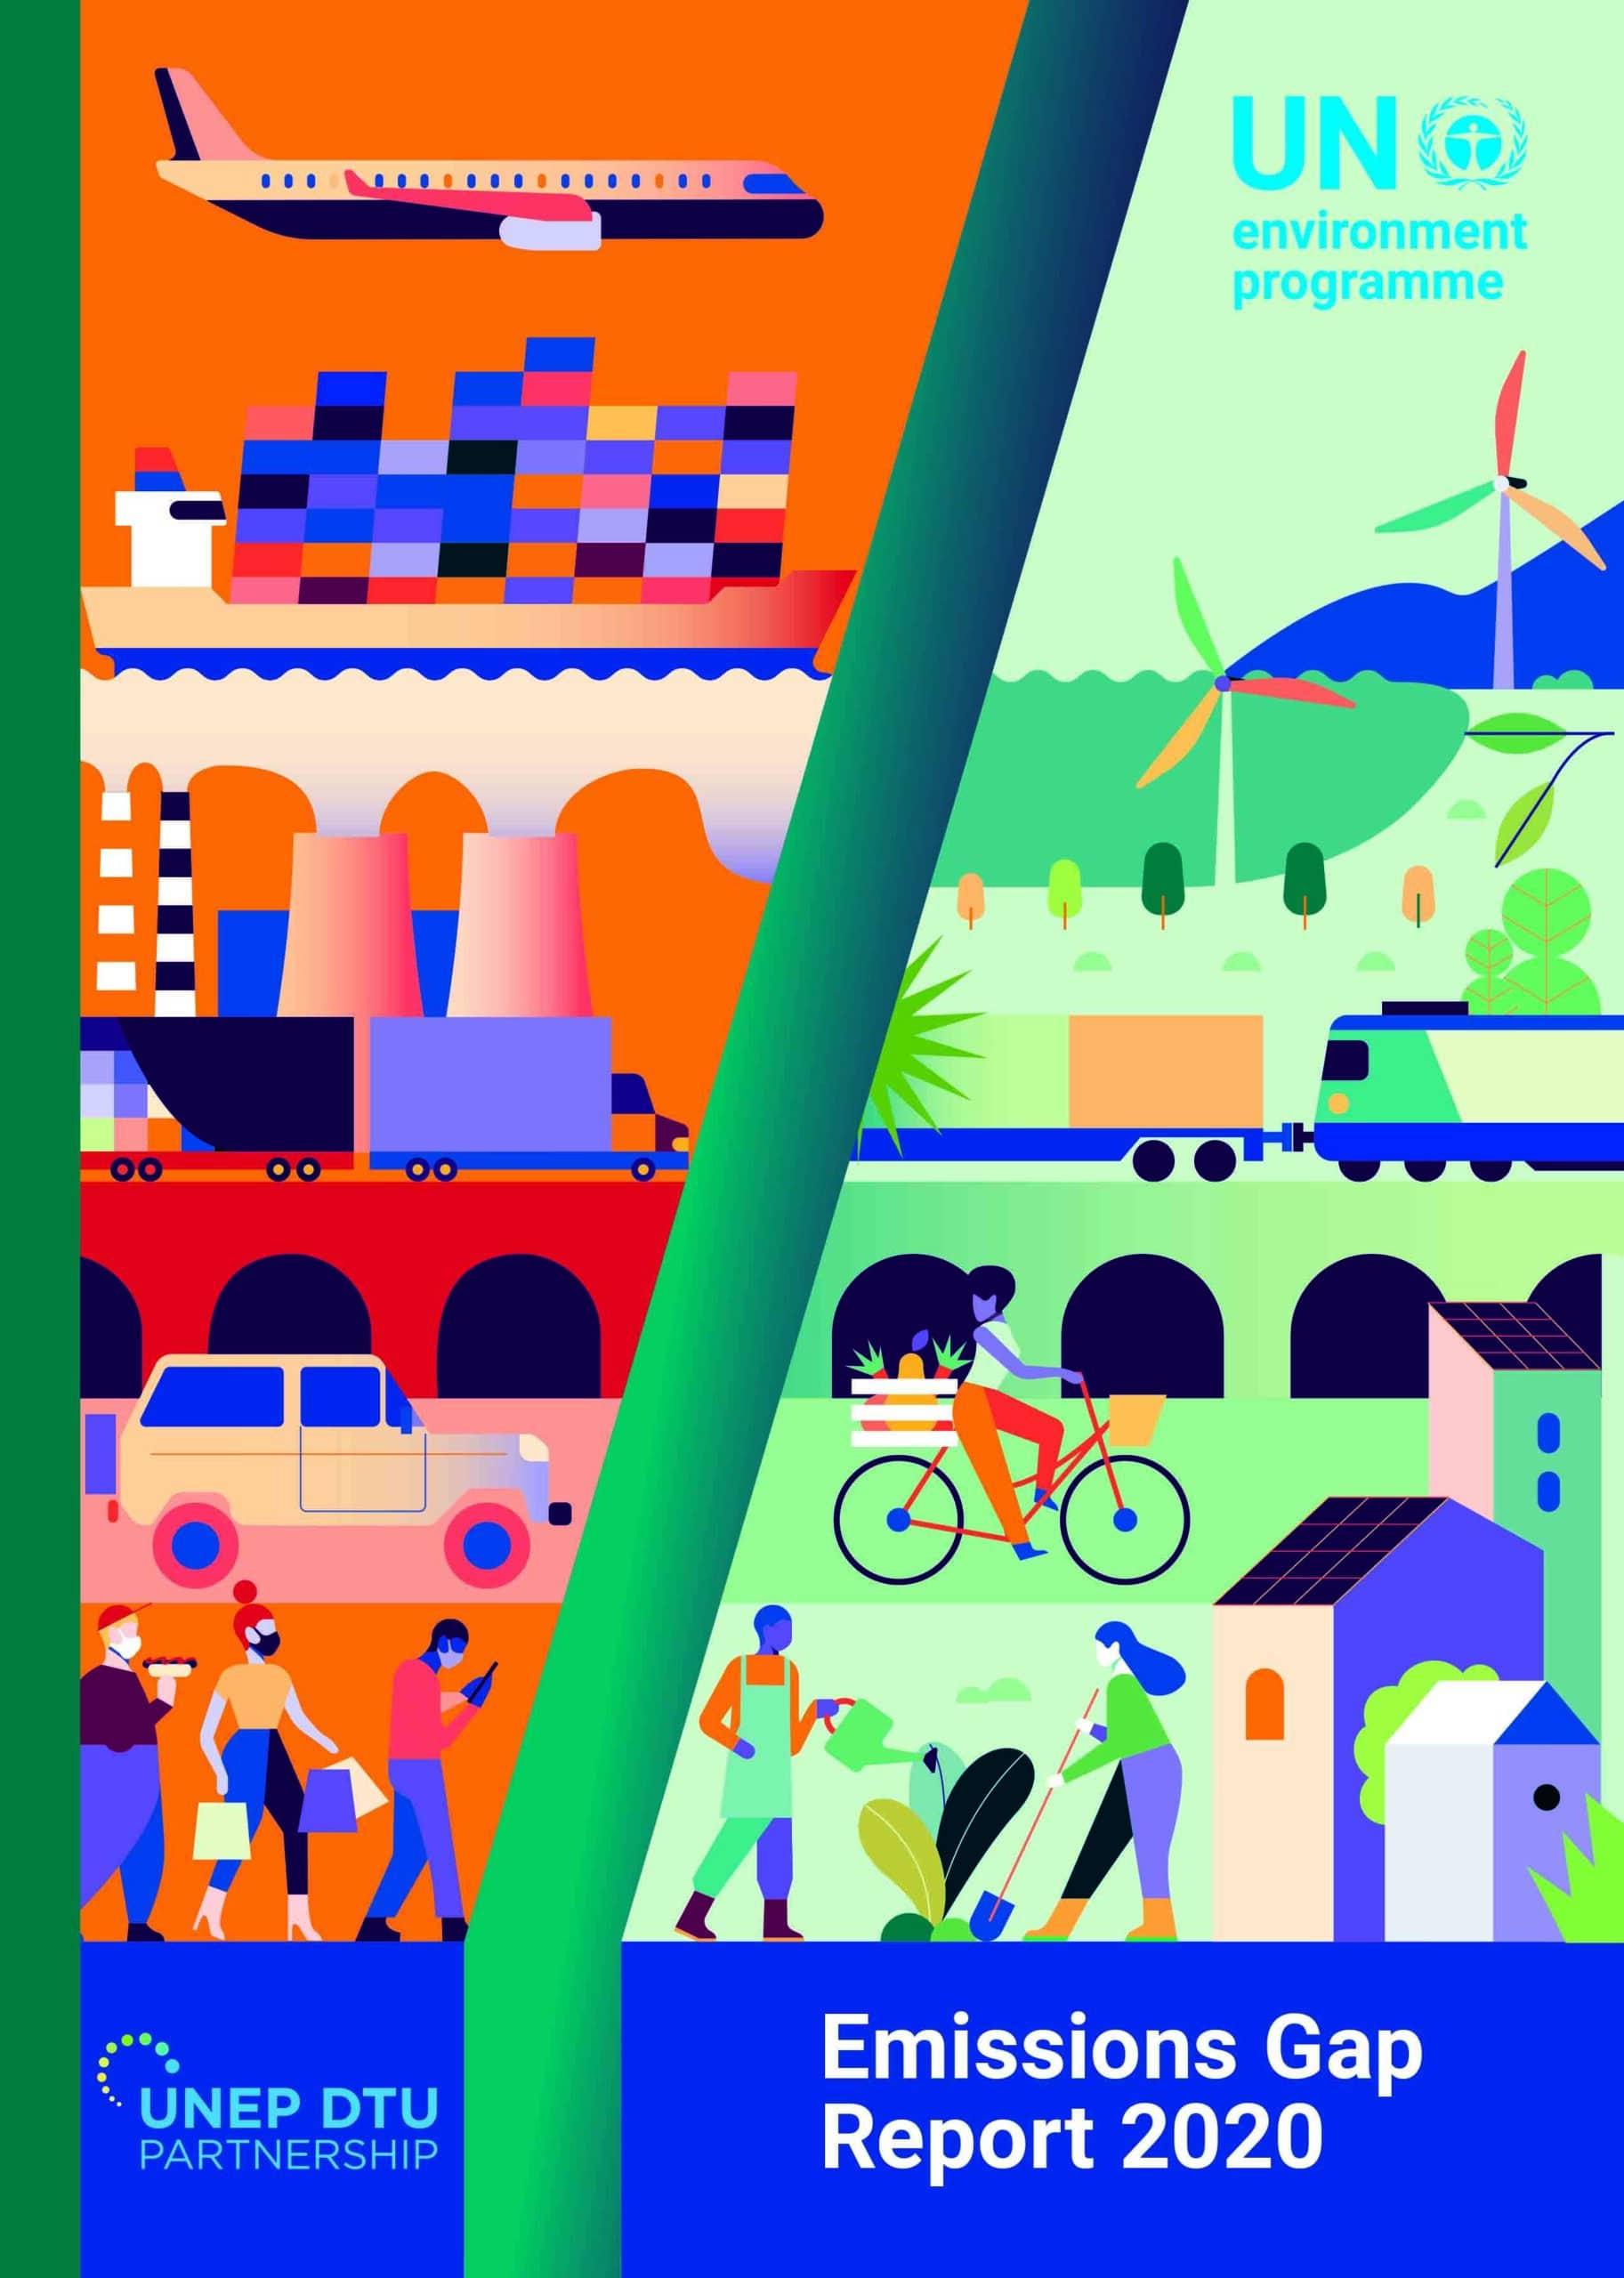 Hoe staat het ervoor met de CO2 emissies anno 2020? Een UN rapport.